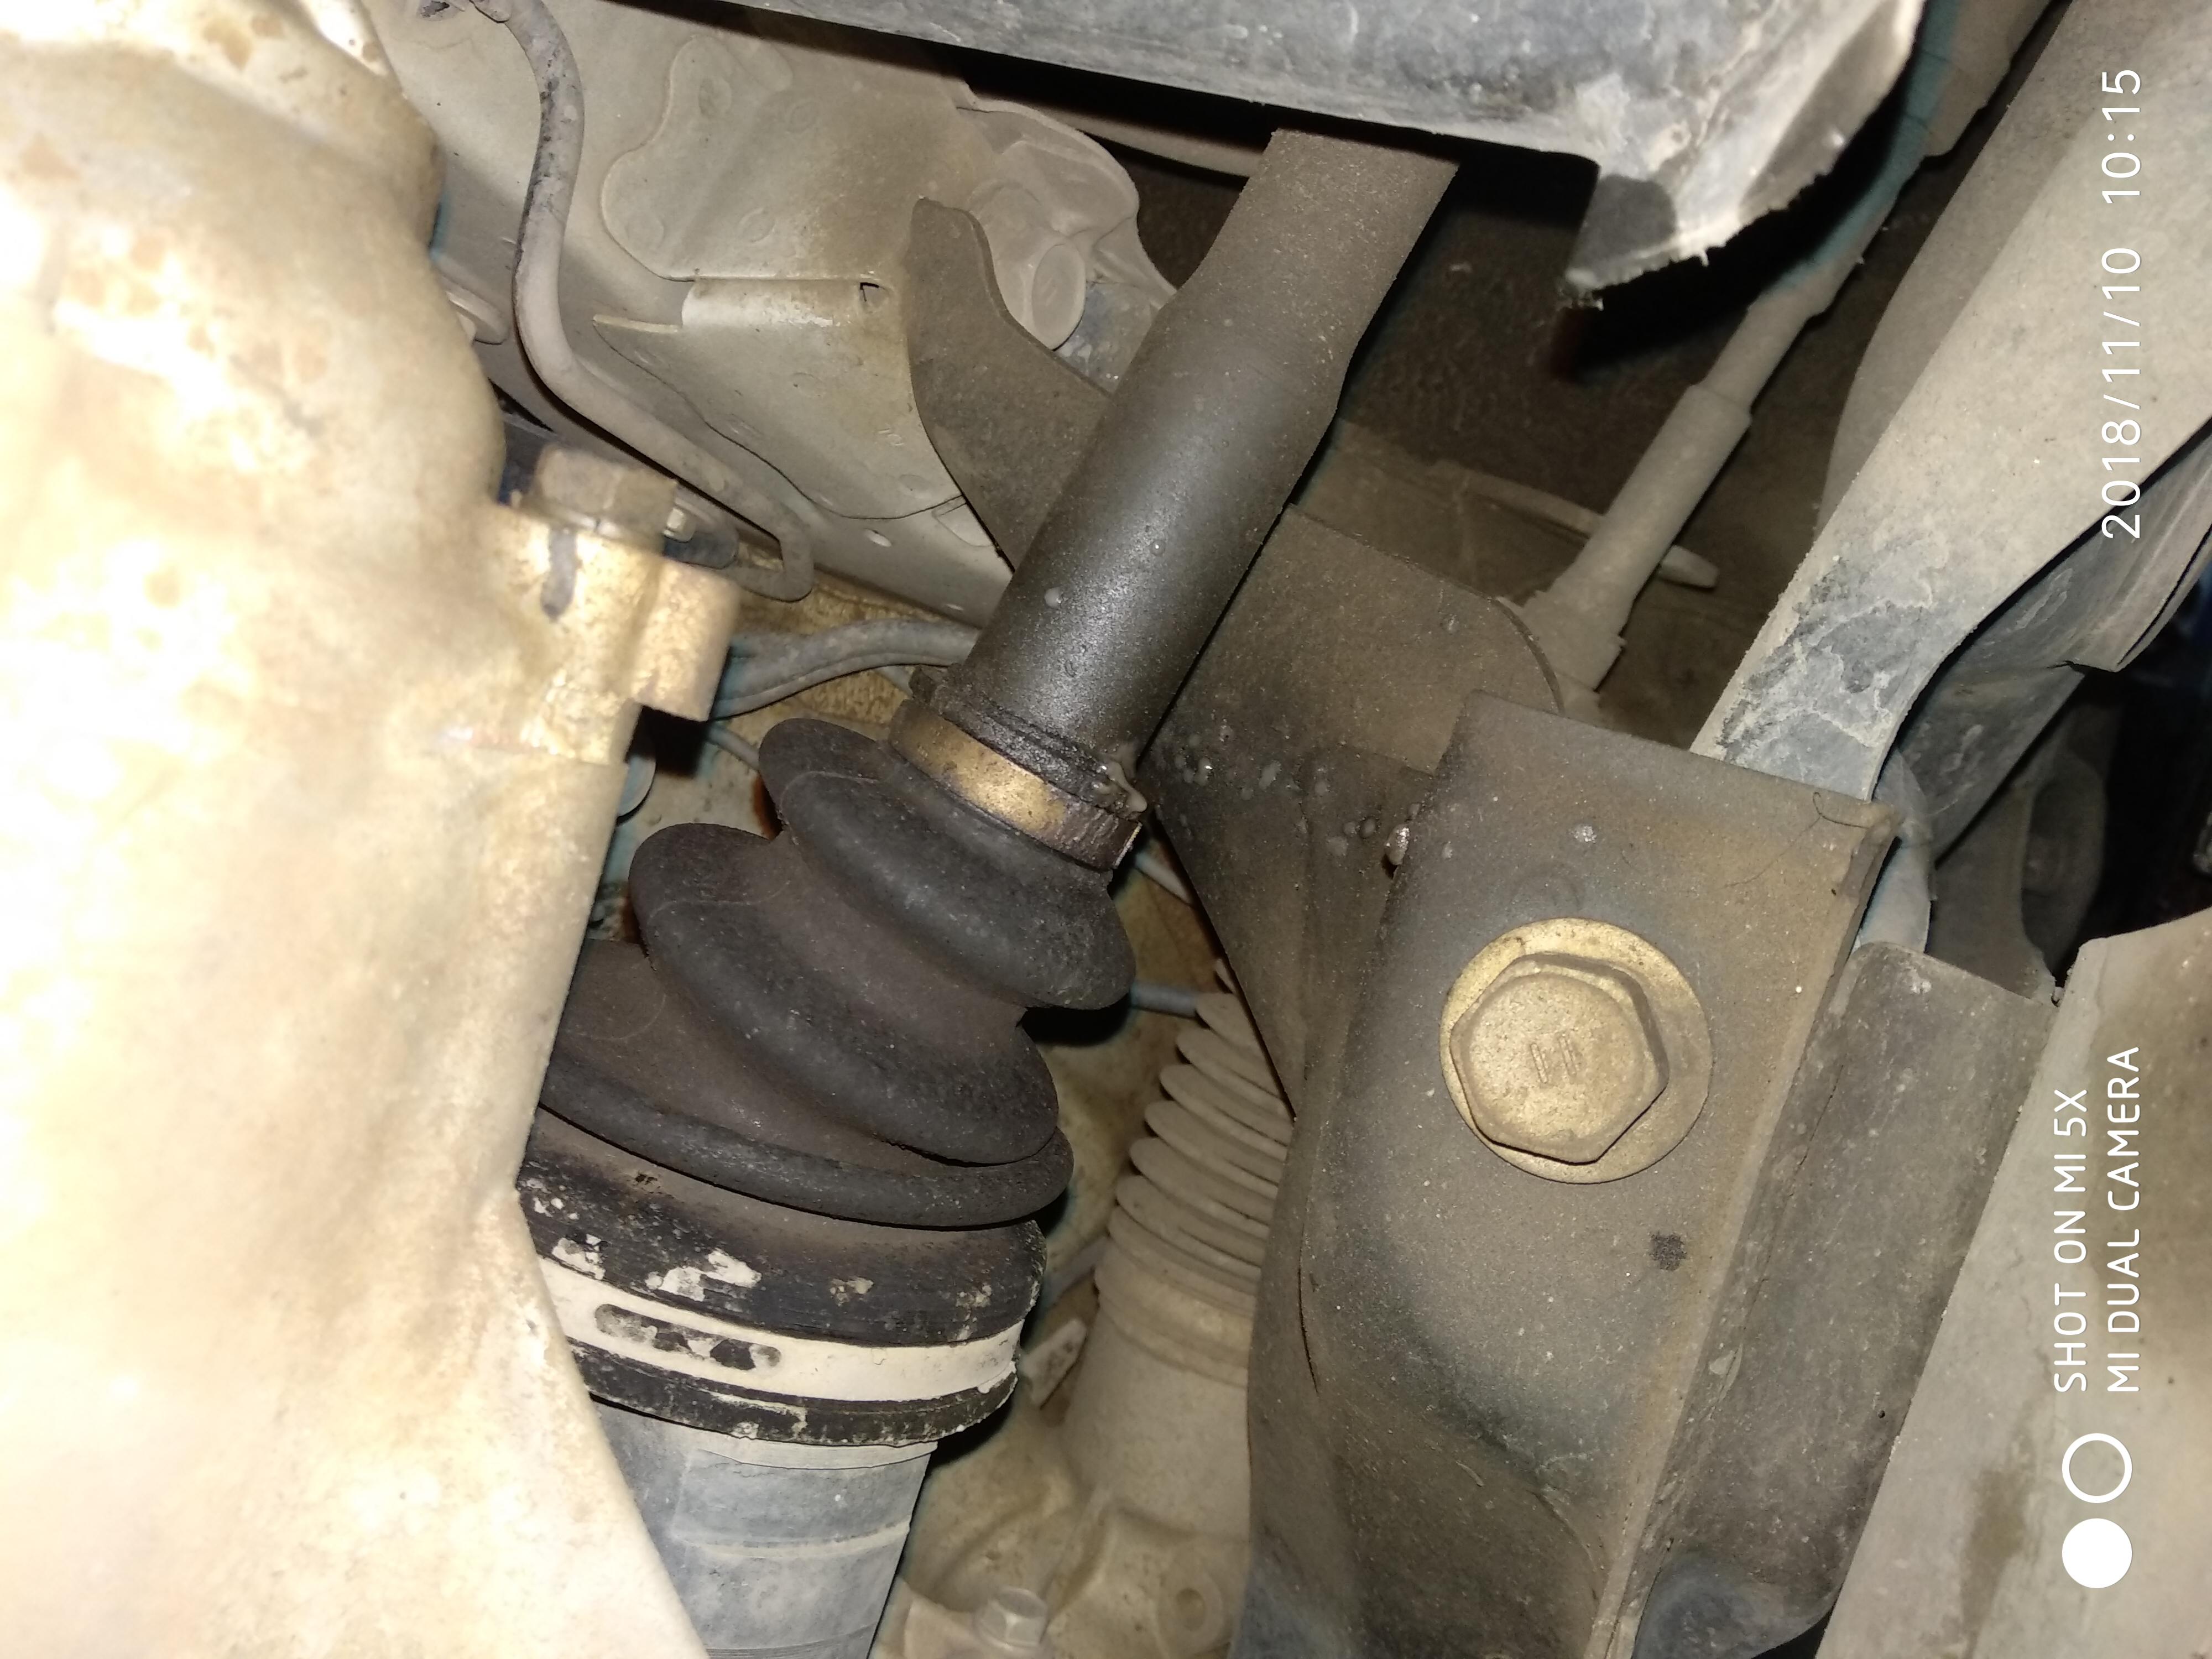 丰田-威驰 球笼漏油,两边都漏油